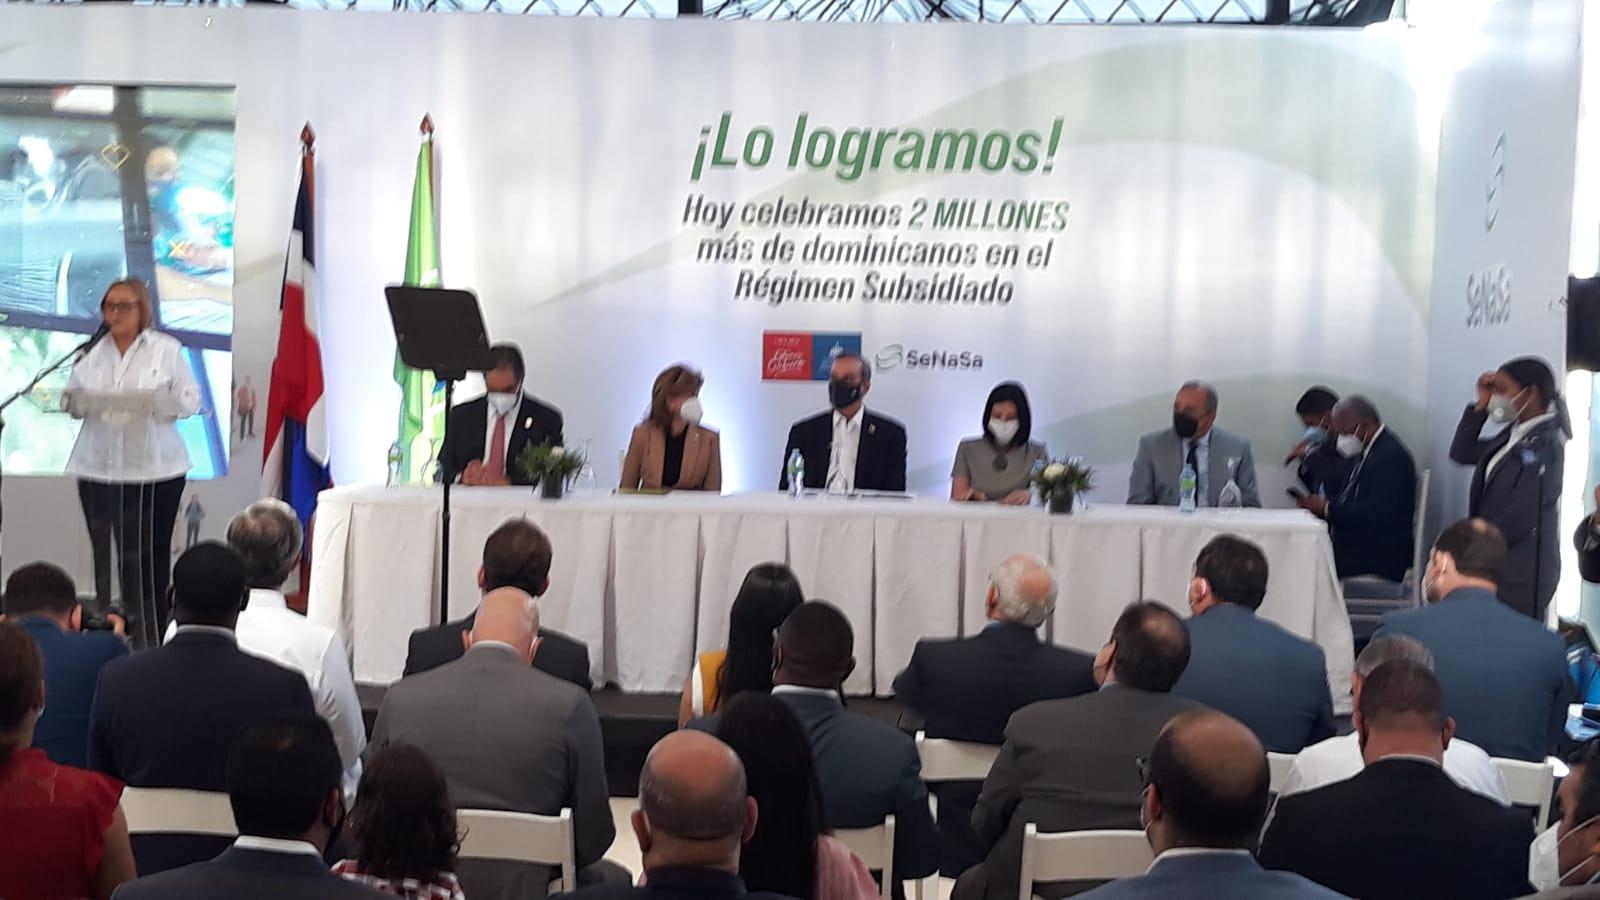 Abinader entrega acreditación de afiliación de SeNaSa al ciudadano 2 millones